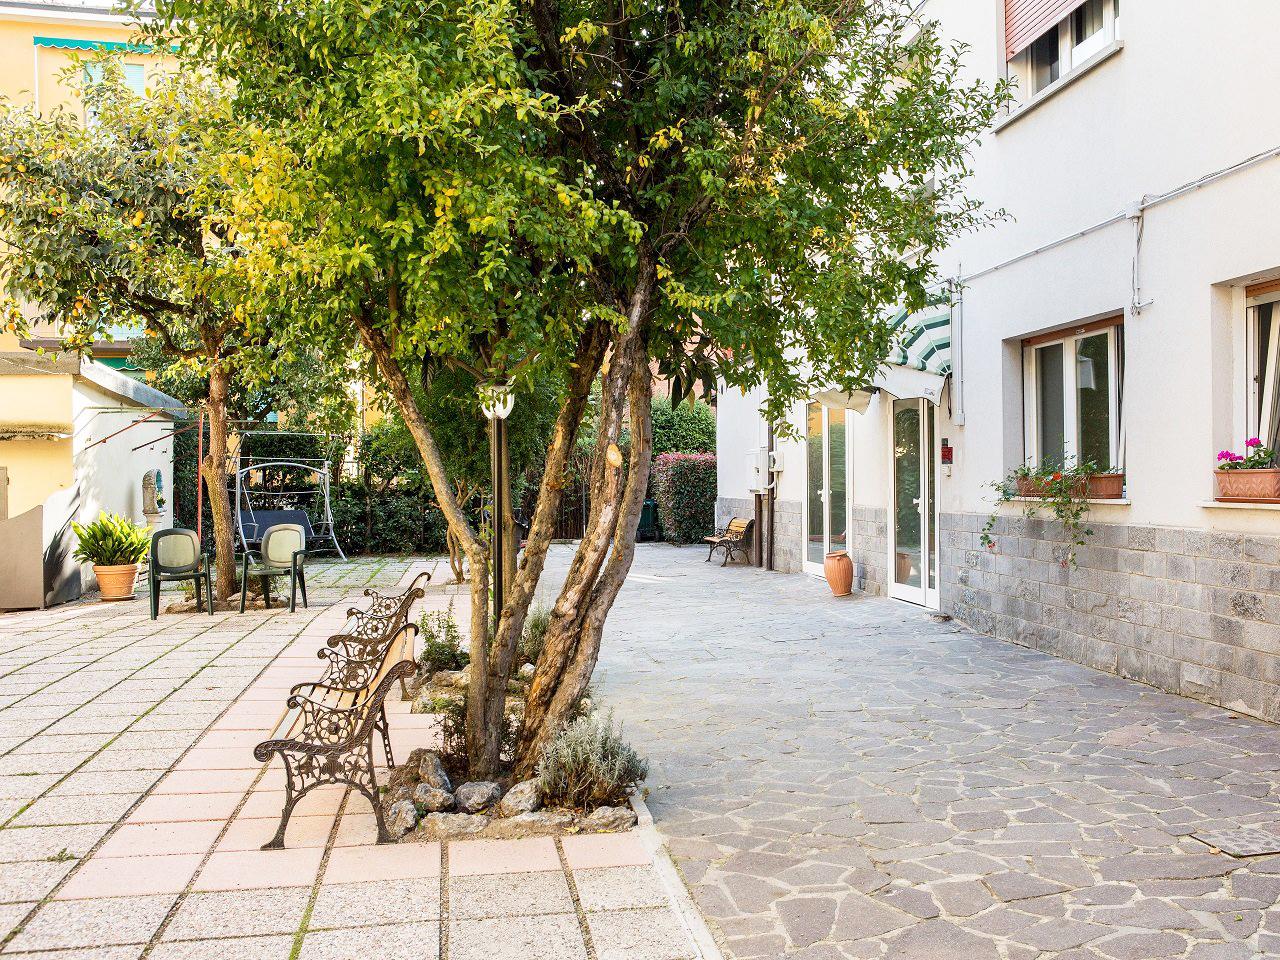 Casa di riposo con giardino Villa dei Cedri